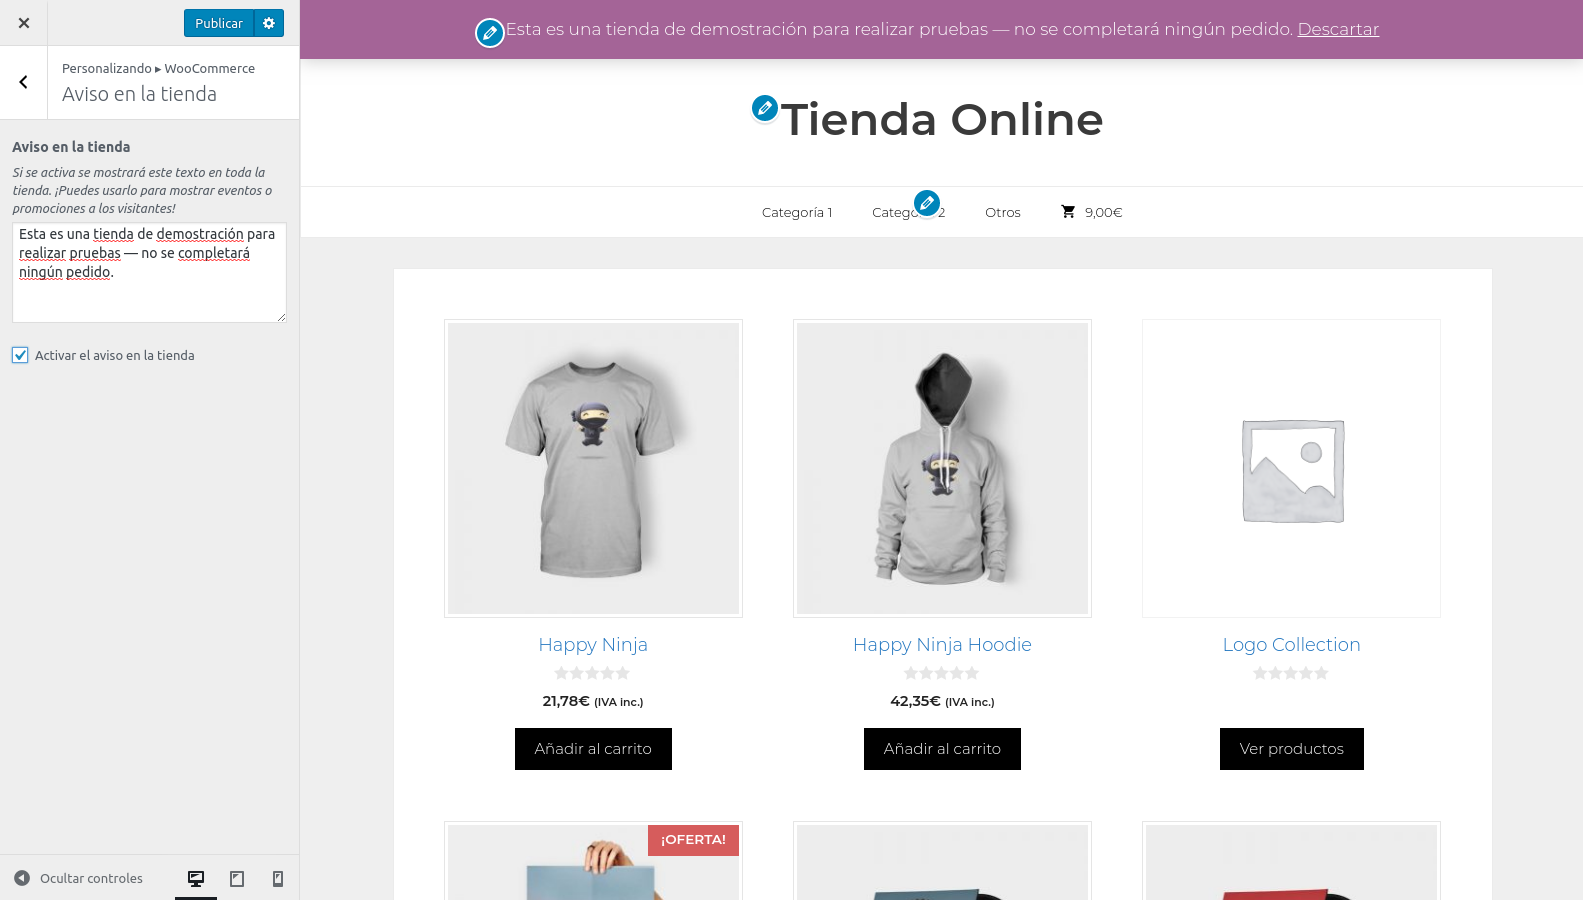 Woocommerce con GeneratePress: personalización aviso en la tienda